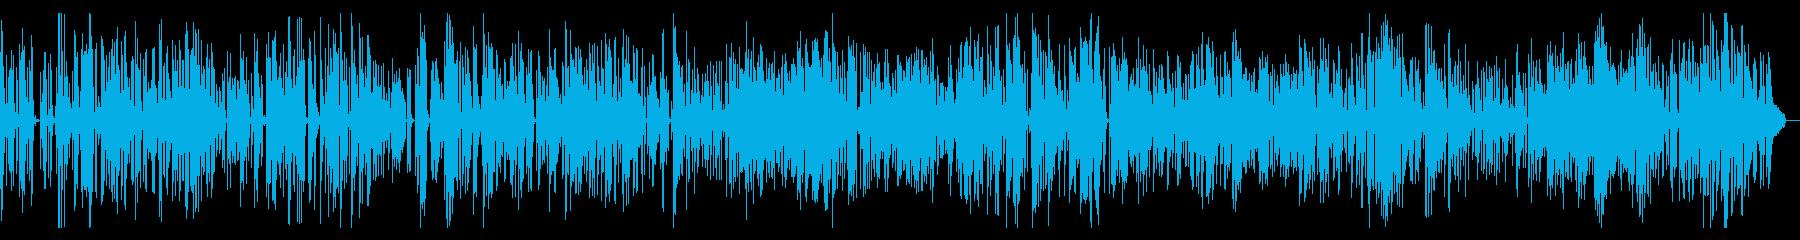 オシャレなジャズ Cafe BGM の再生済みの波形